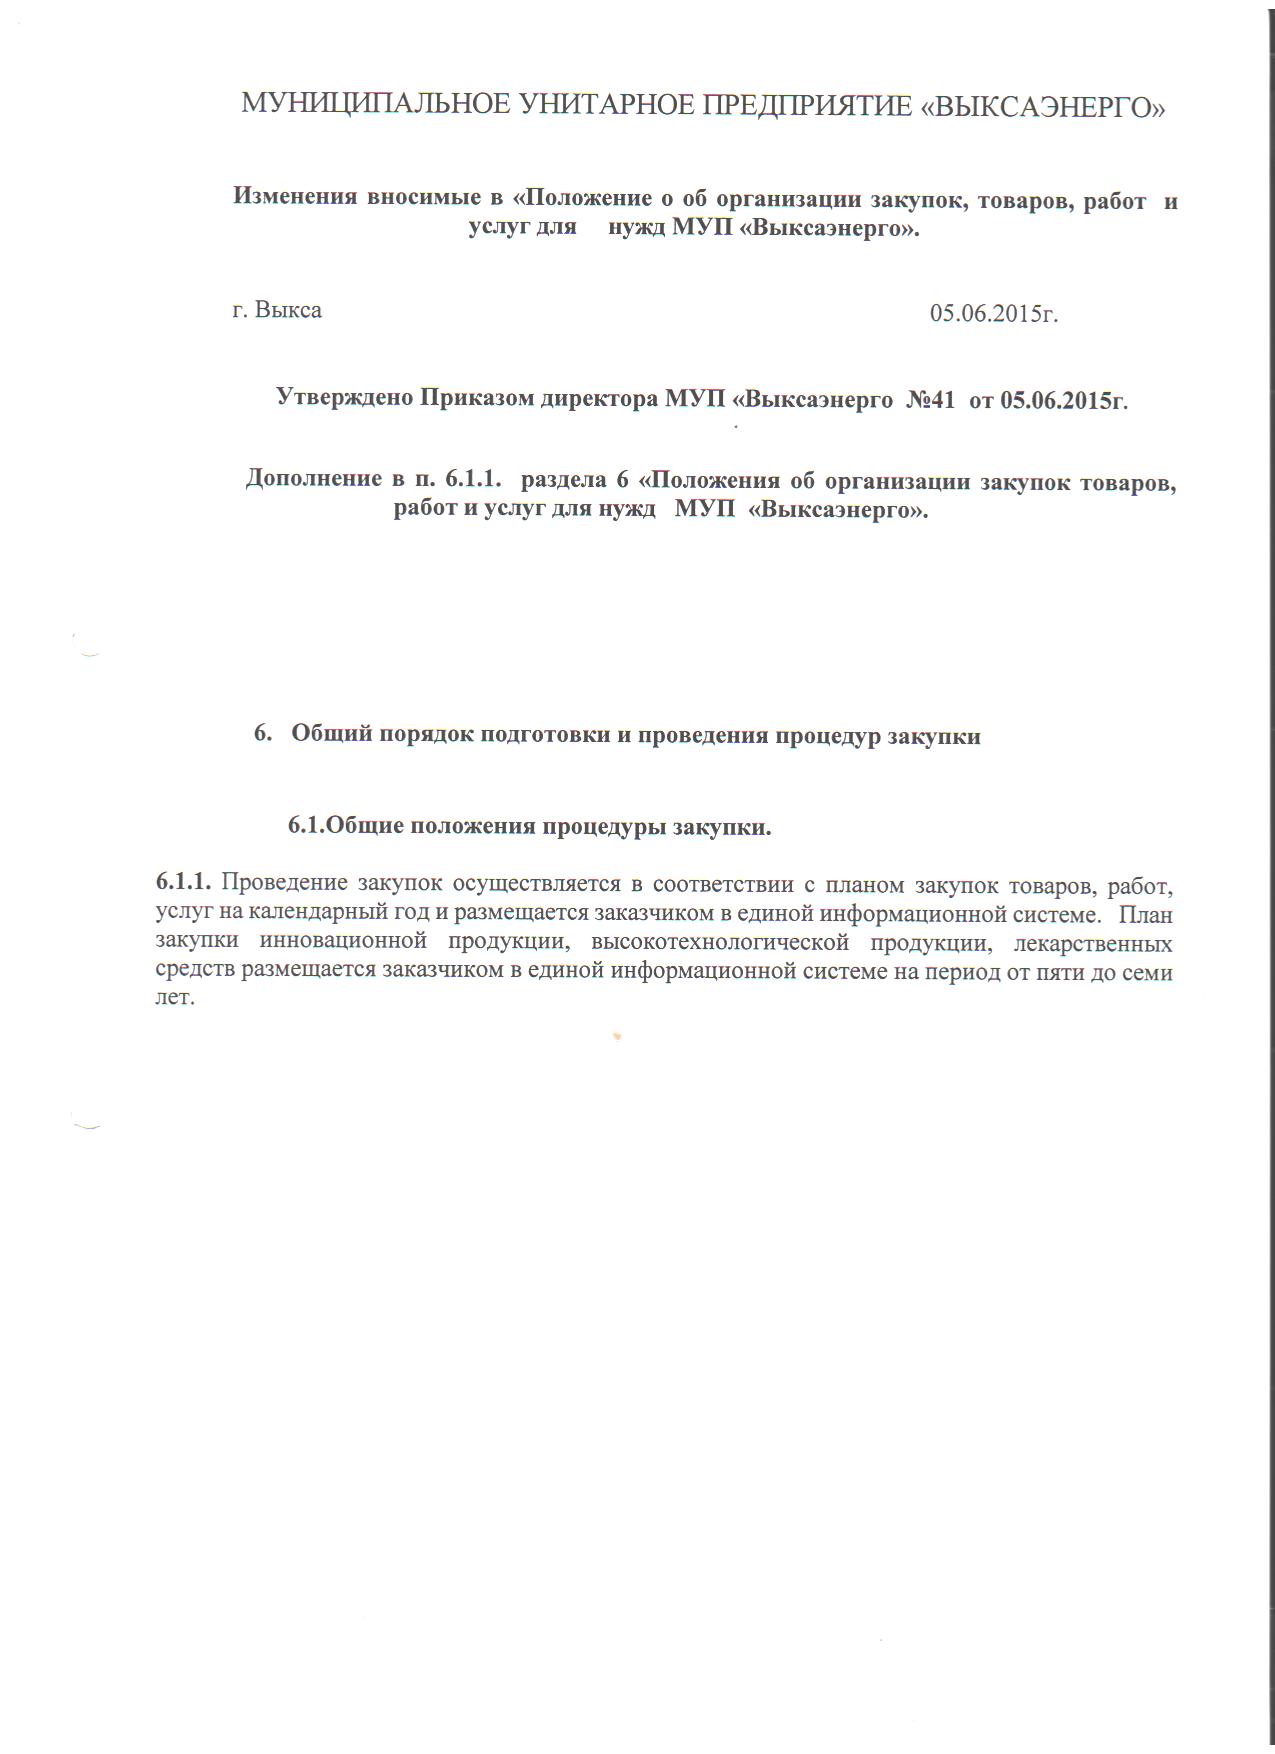 Приказ о внесении изменений в состав комиссии.